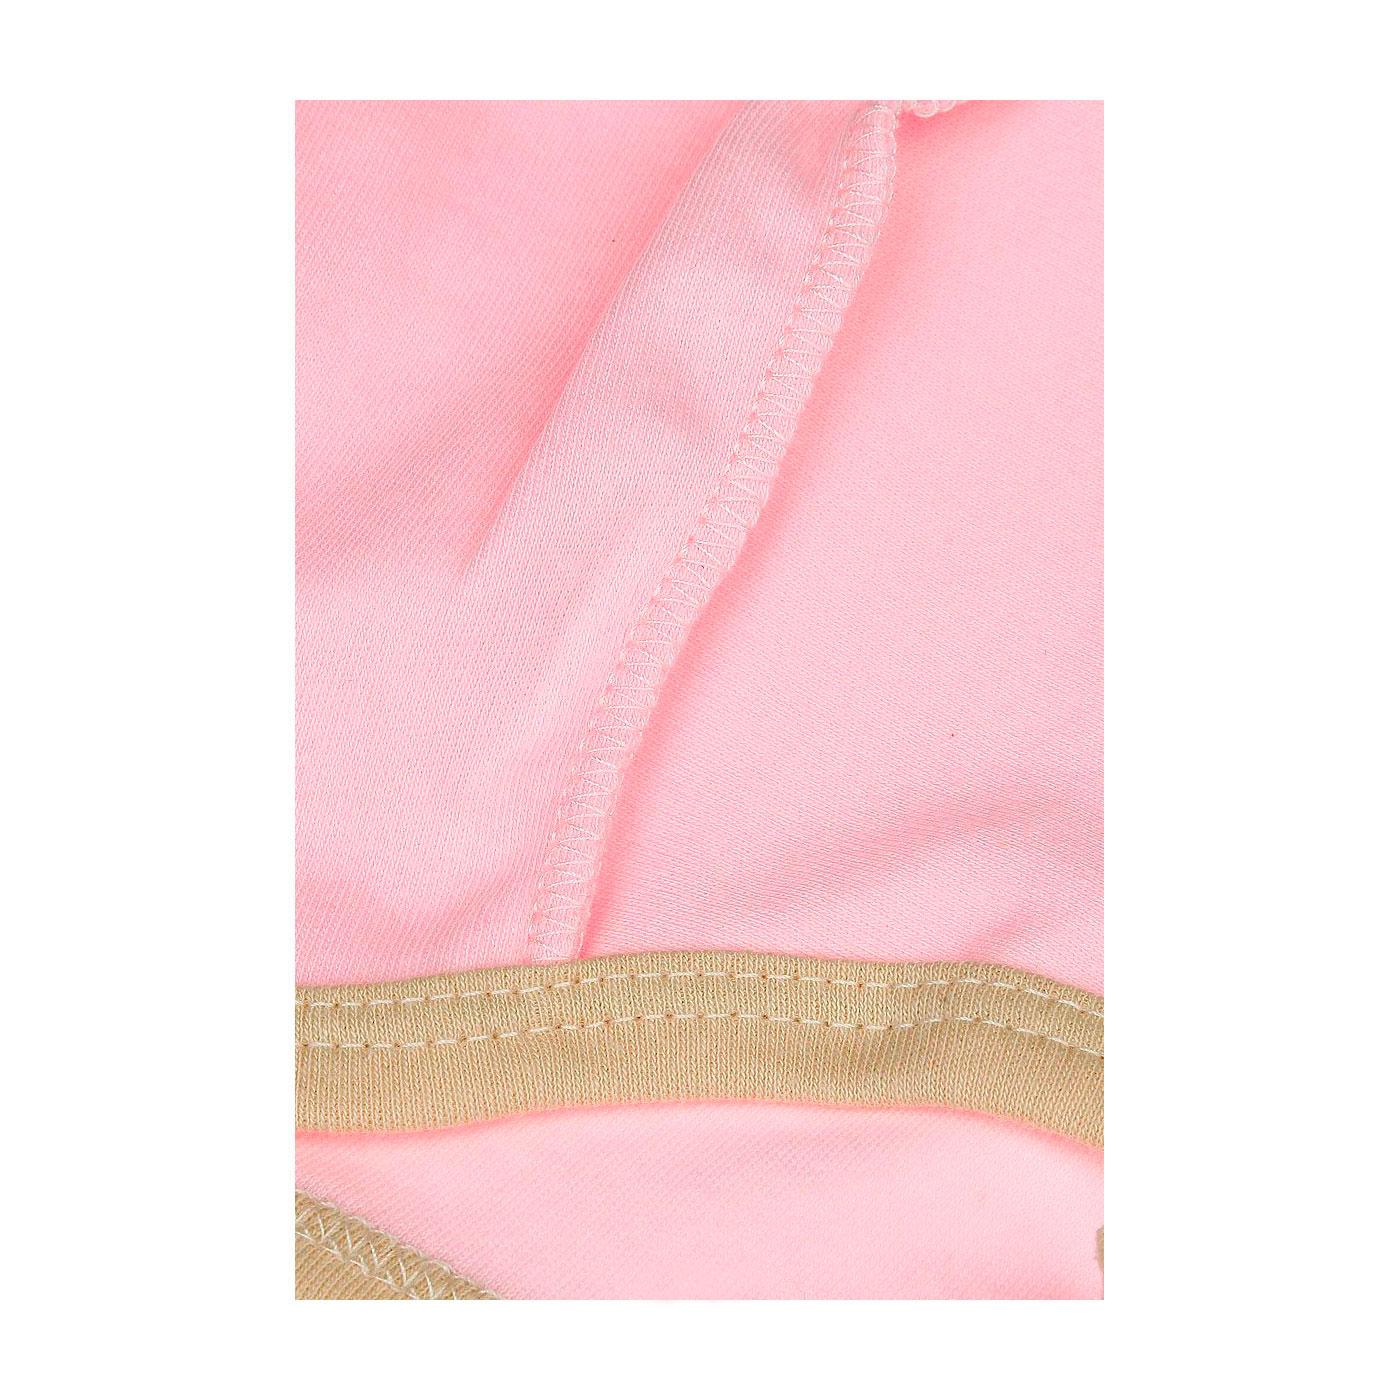 Чепчик Котмаркот Зайкина любовь размер 36 розовый (КОТМАРКОТ)